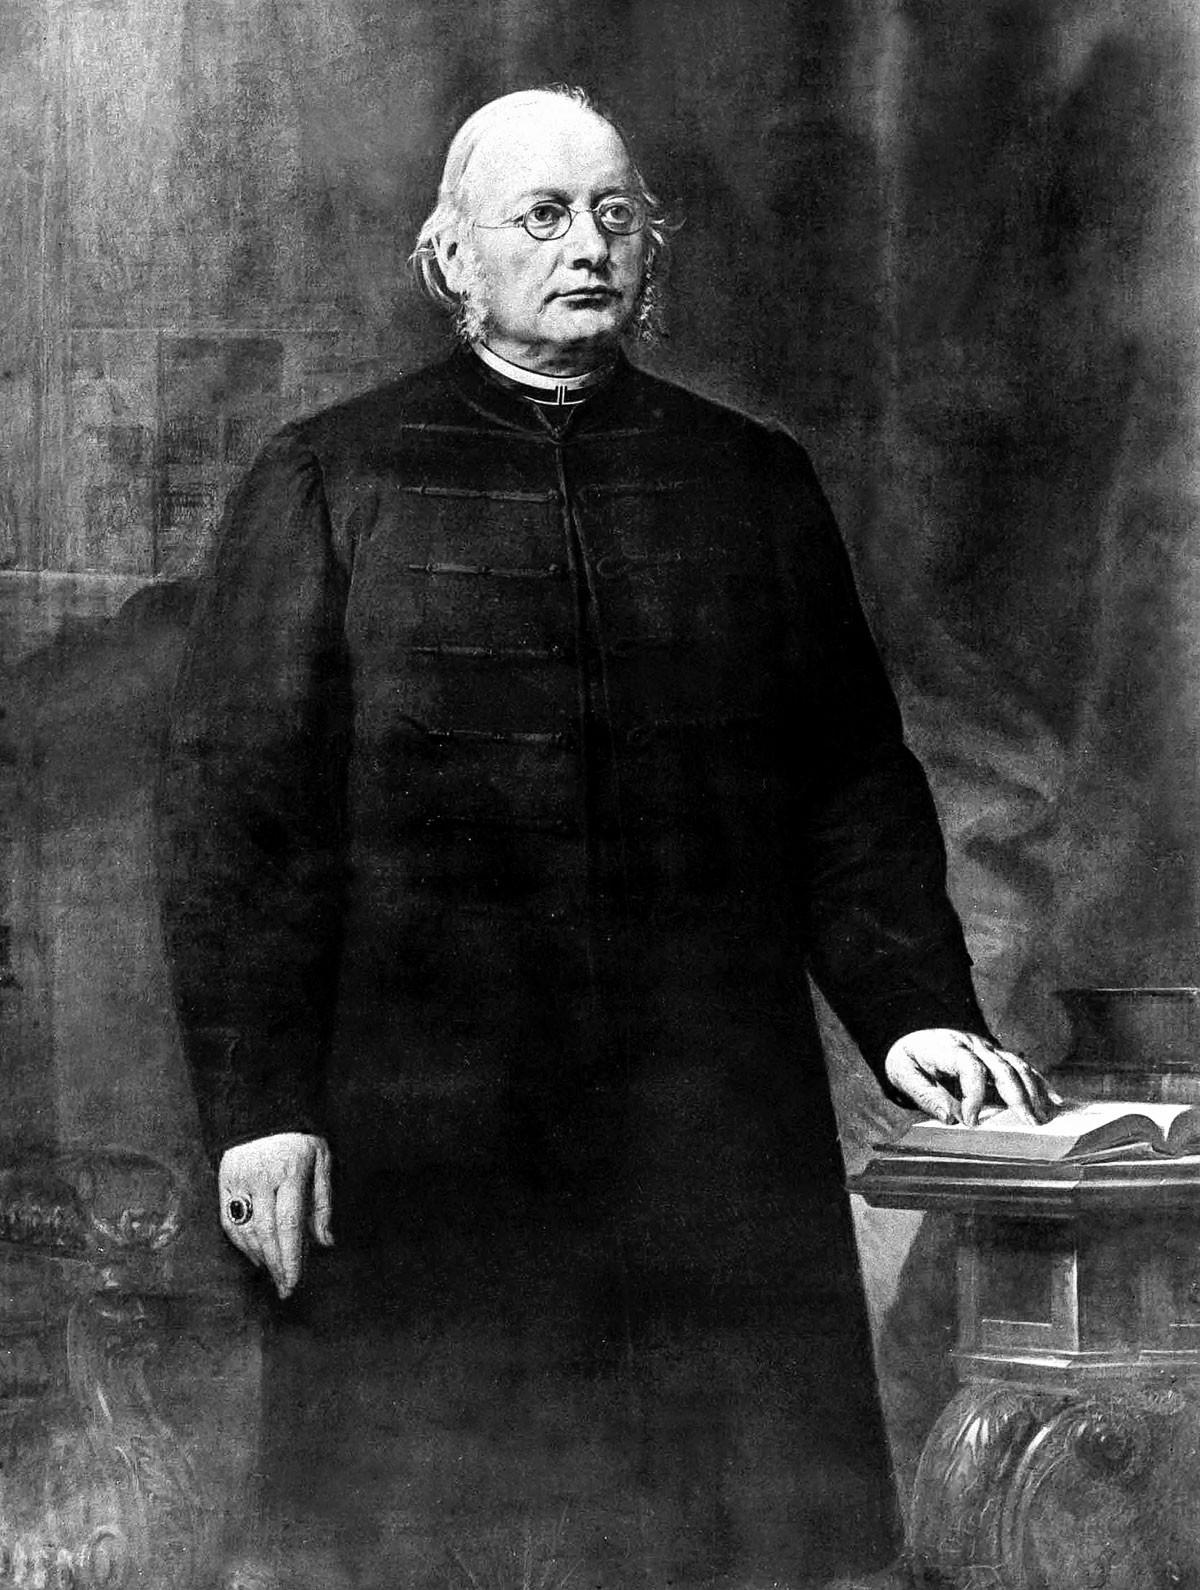 Horváth Mihály kalandos úton tudott csak megszökni a megtorlás elől: álruhában, komornyiknak öltözve emigrált